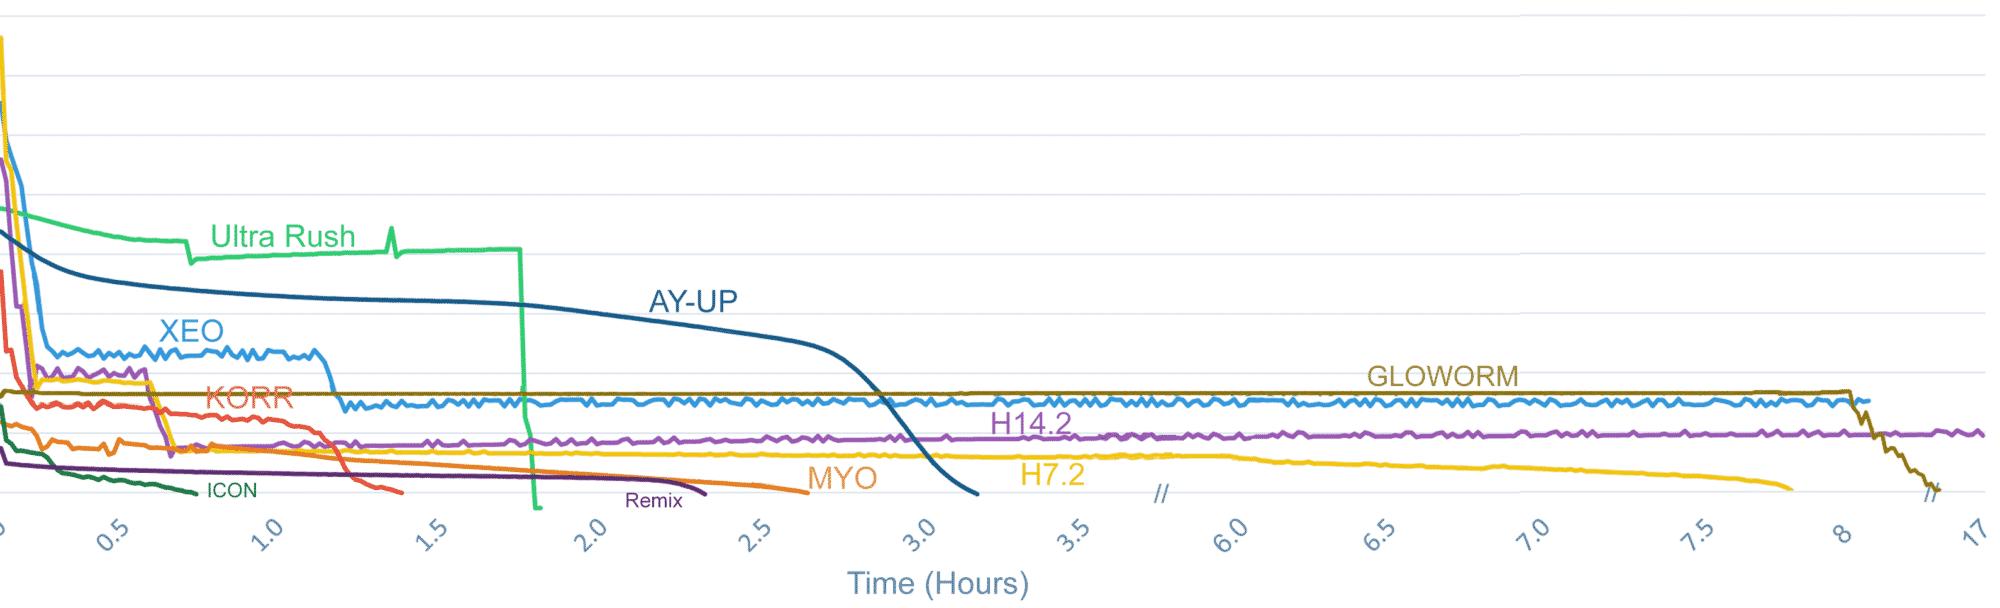 Headlight comparison graph